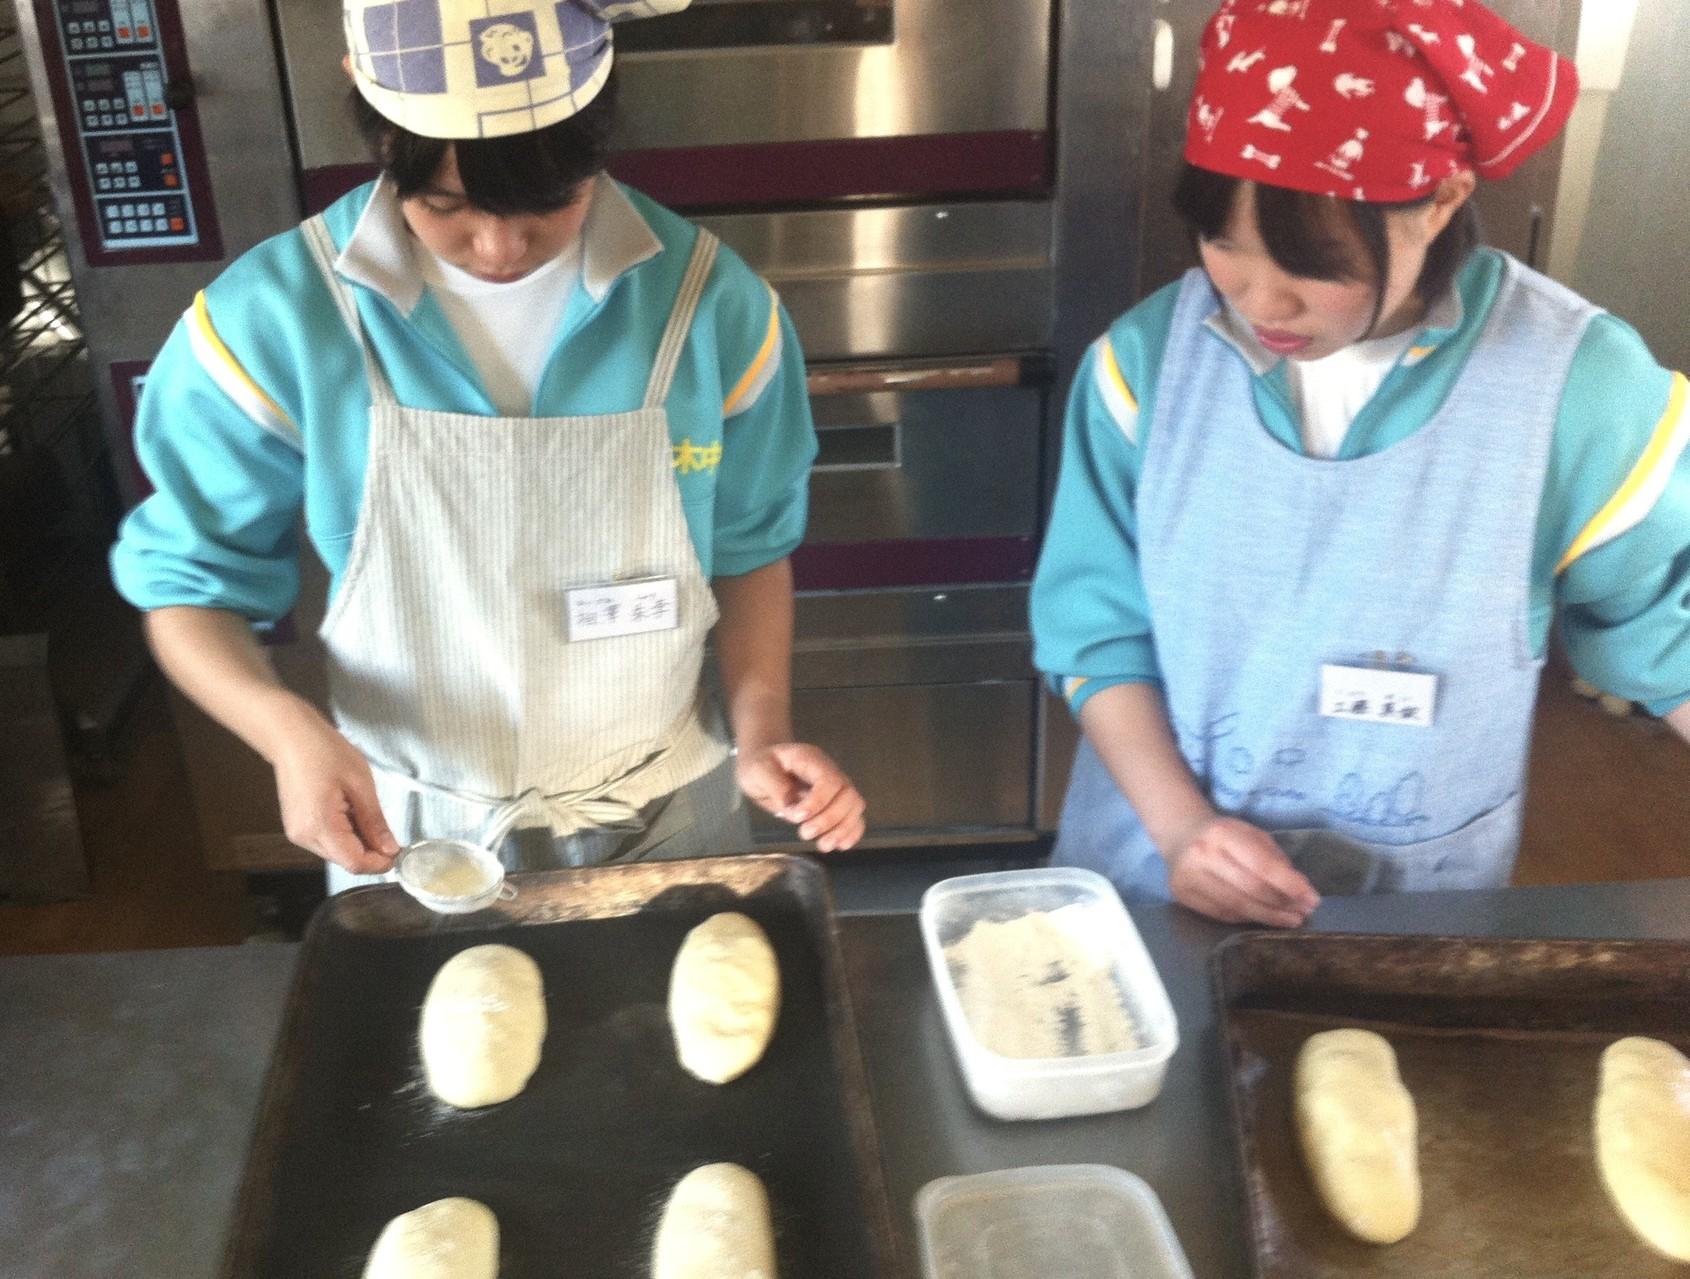 おいしいパンを作るべく、真剣に作業中…